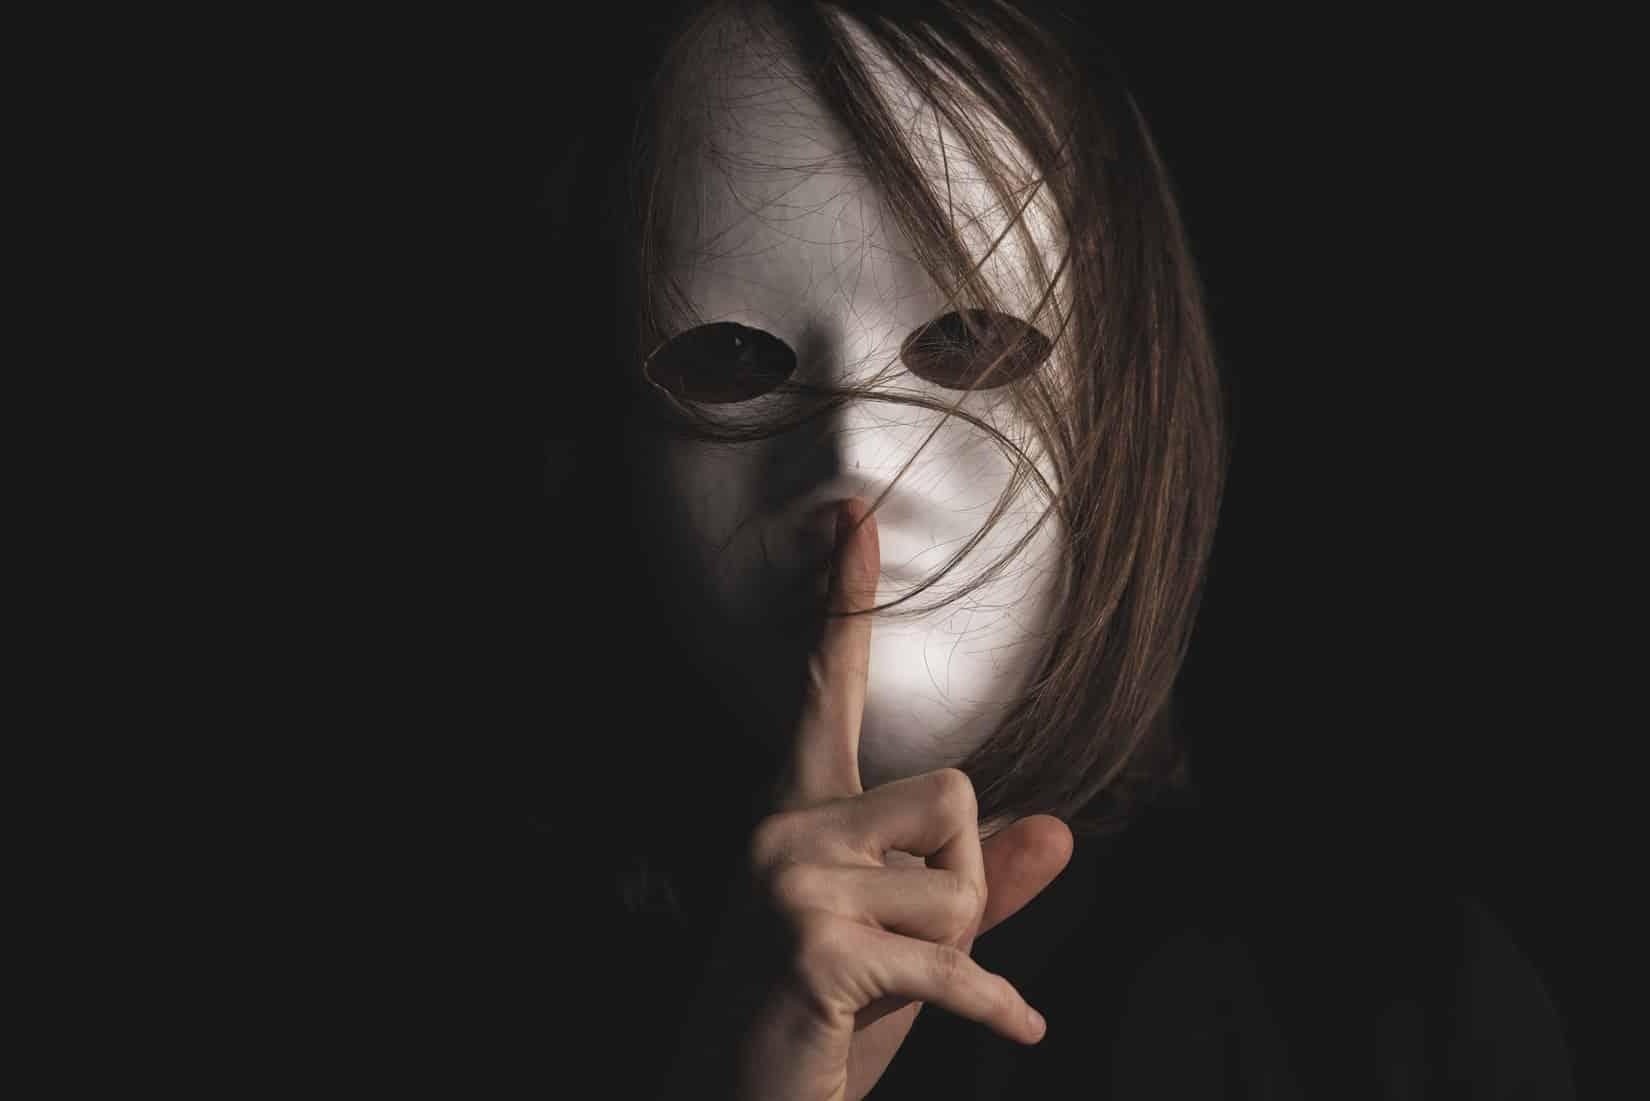 Citation La différence entre votre silence et celui du pervers narcissique